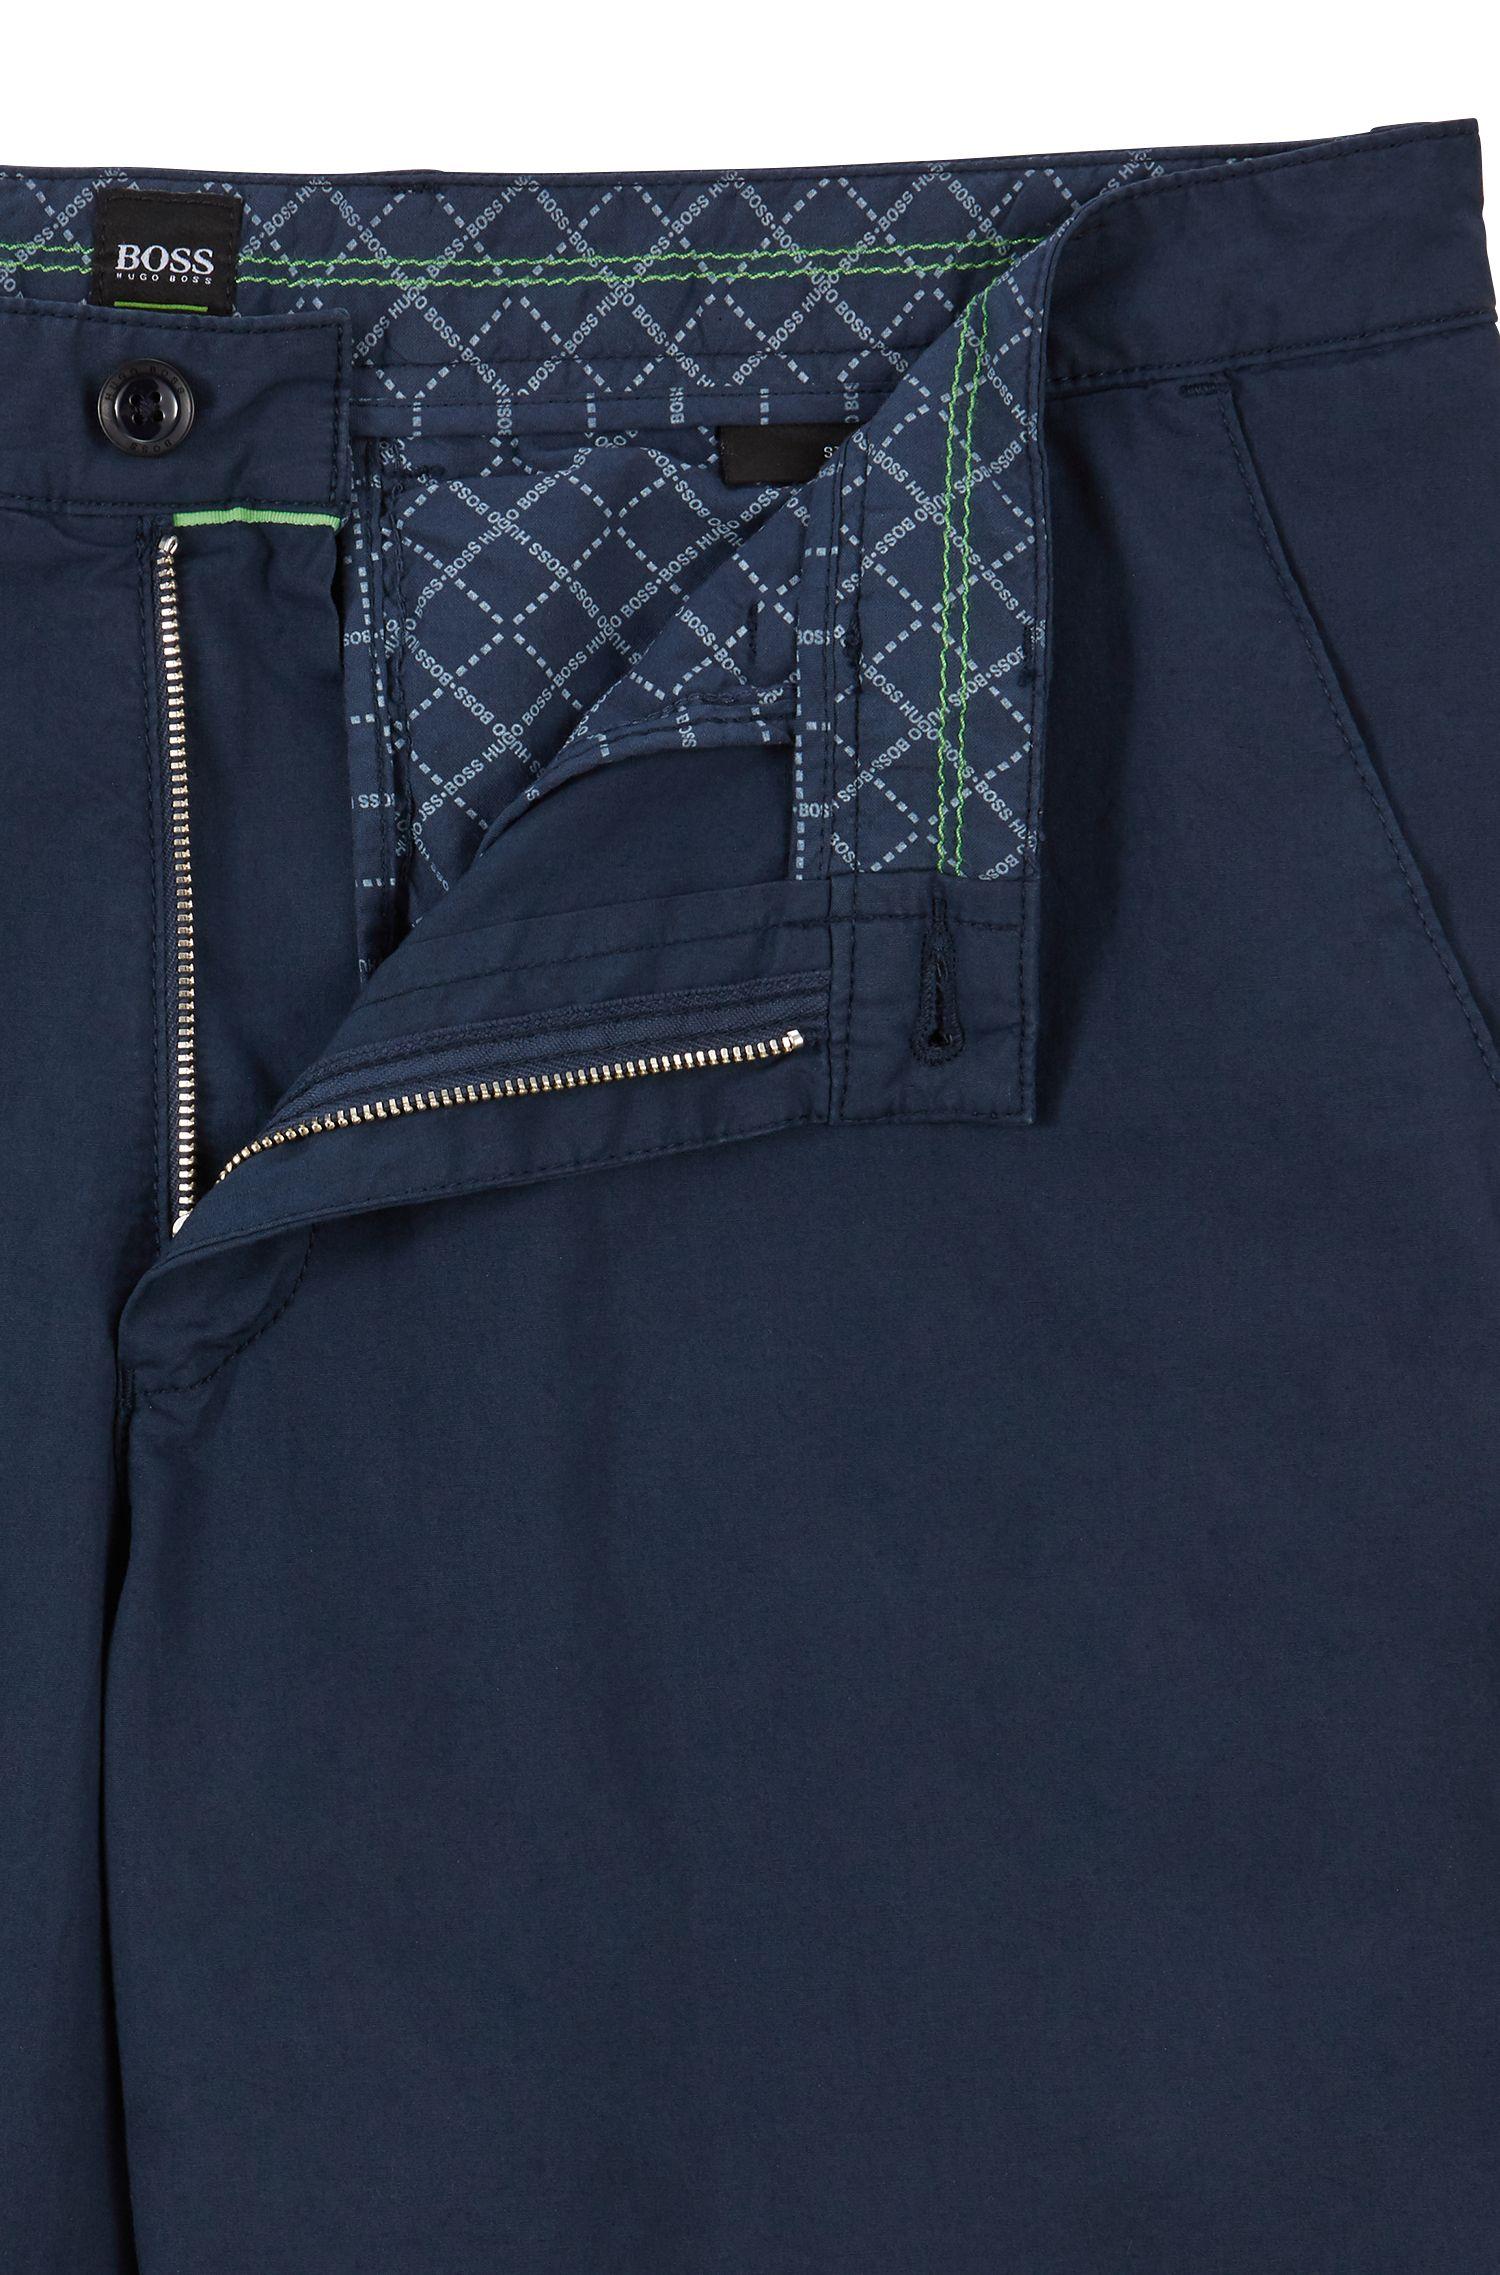 Pantaloncini regular fit in twill di cotone elasticizzato prodotto in Italia, Blu scuro